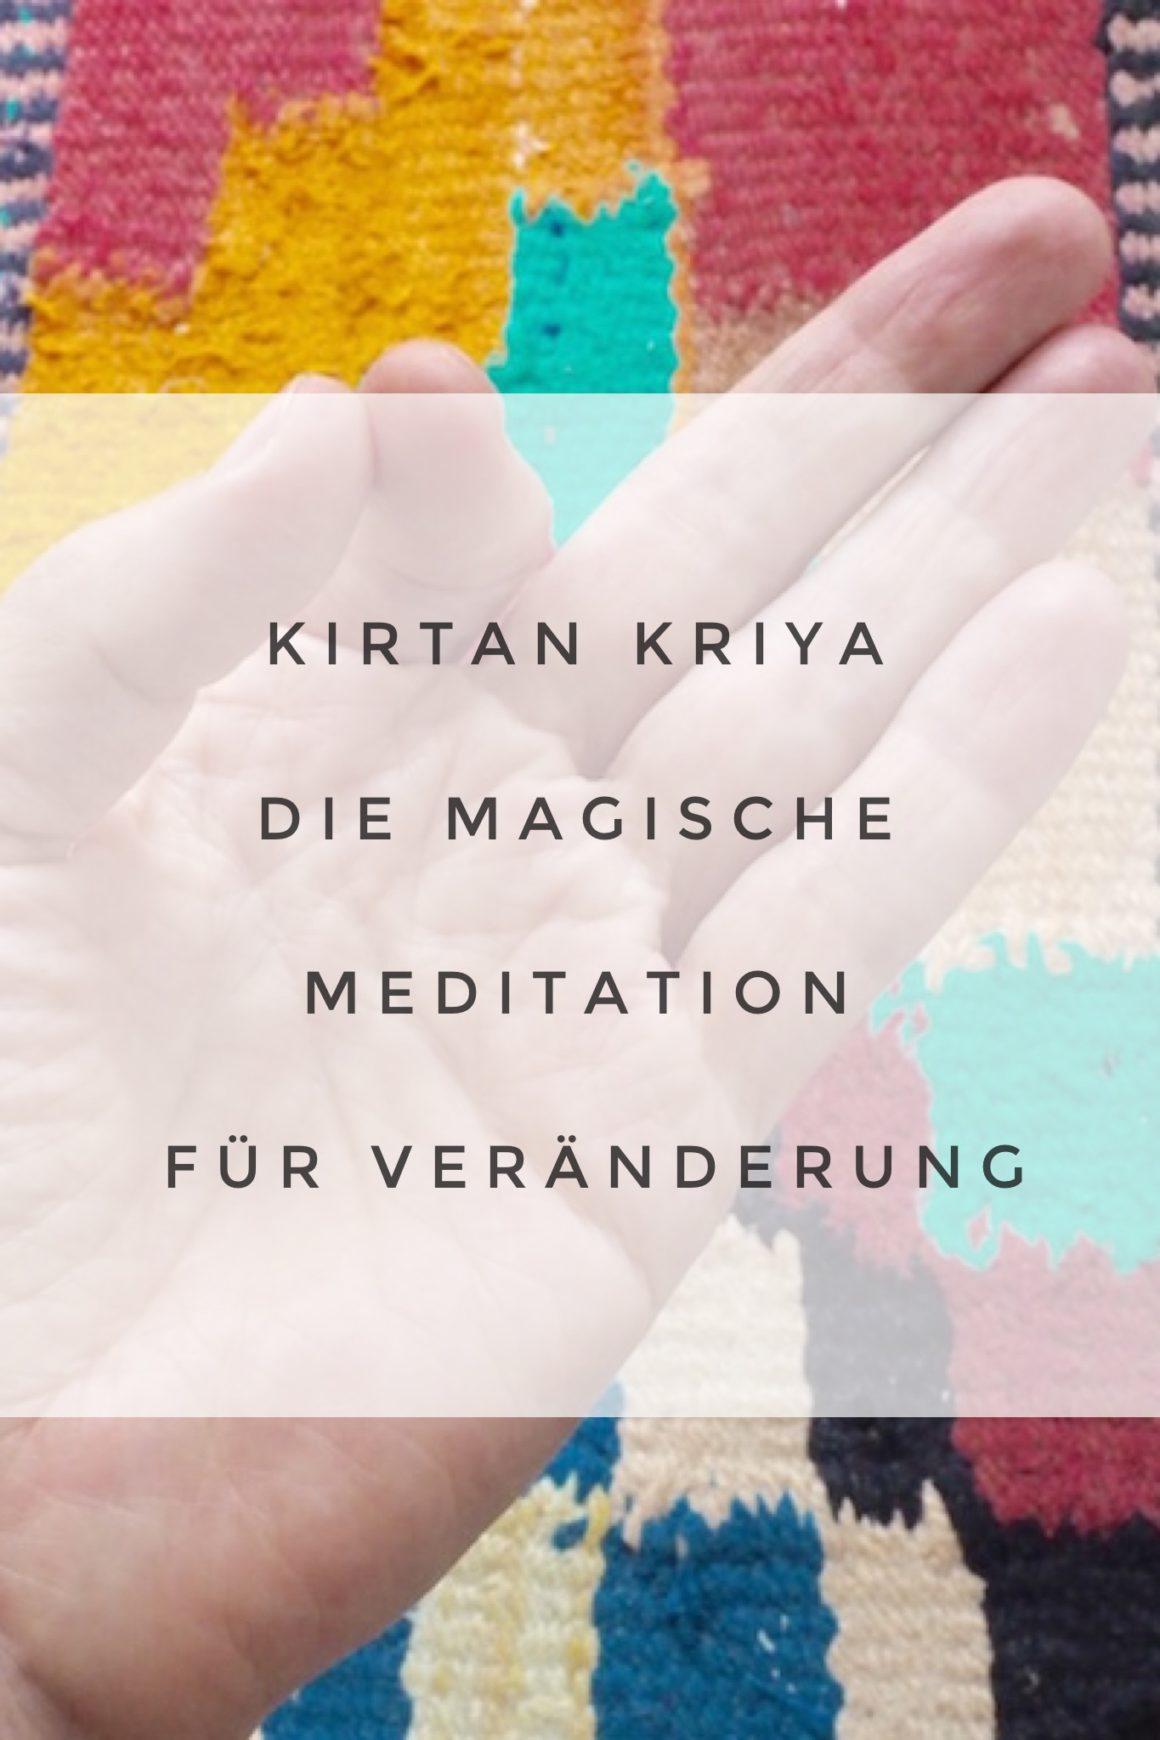 Kirtan Kriya, die Meditation für Veränderung